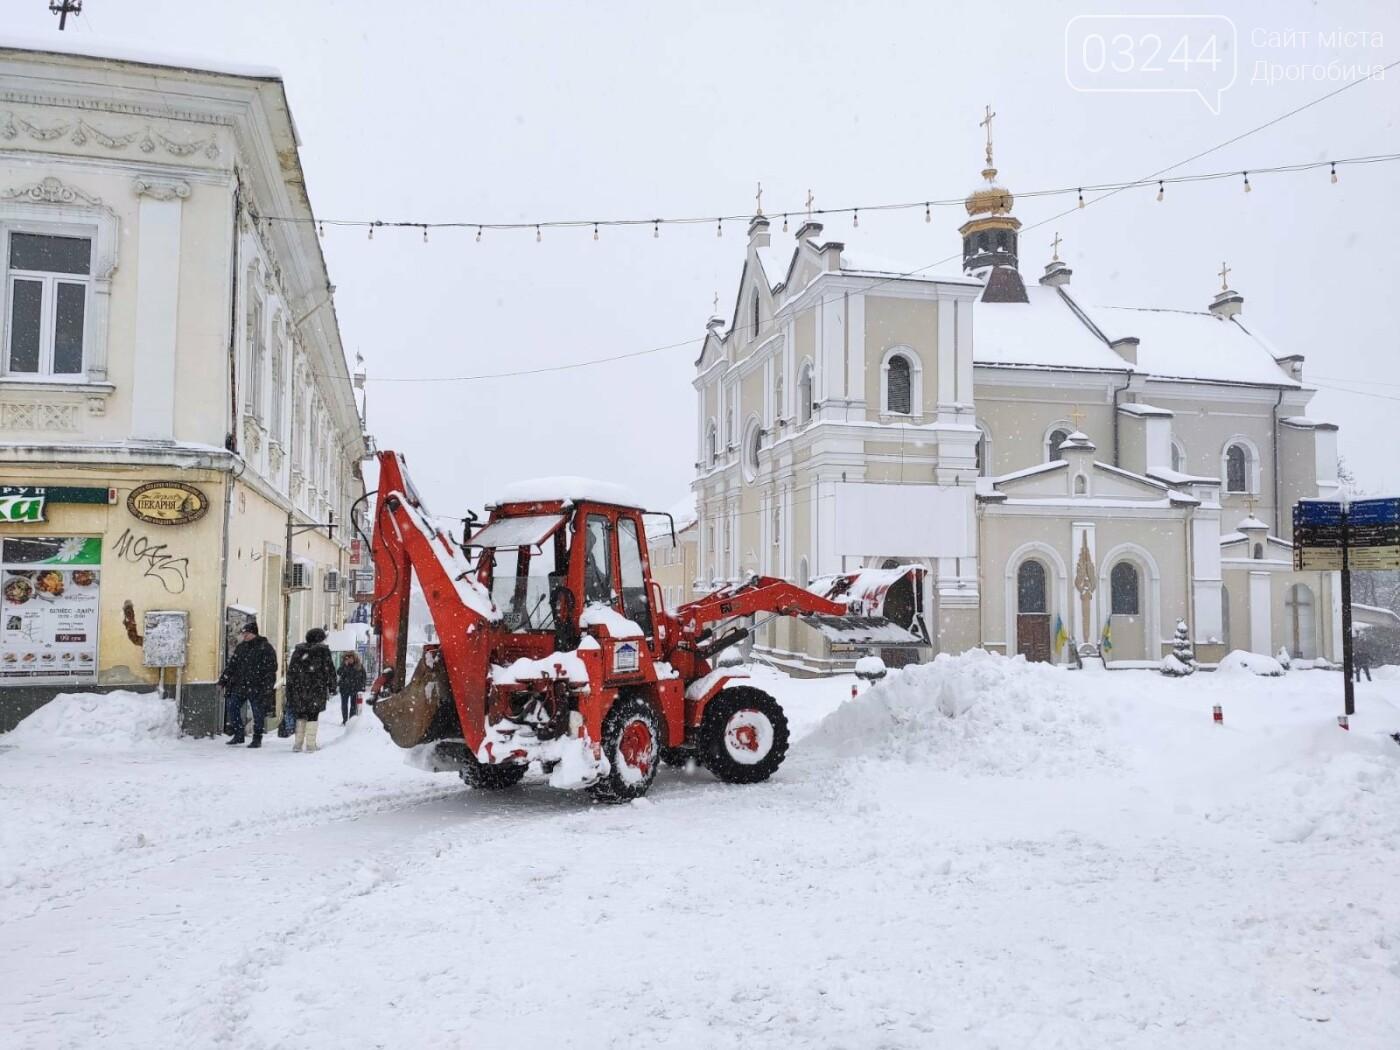 Притрусило: негода перетворила автівки, які не виїжджали кілька днів, на снігові кургани, - ФОТОРЕПОРТАЖ, фото-1